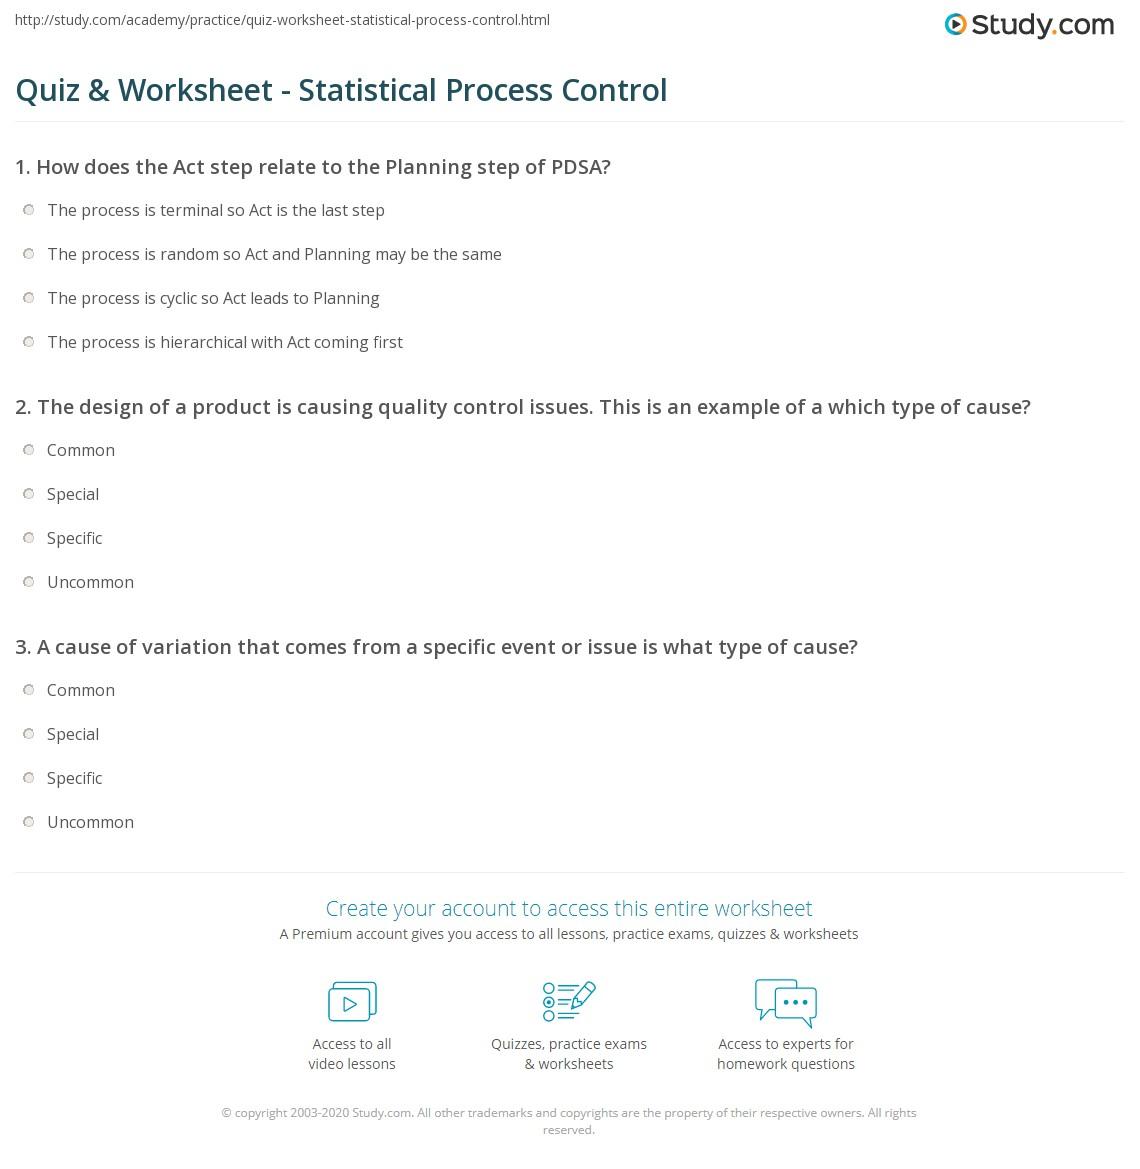 Quiz & Worksheet - Statistical Process Control | Study.com